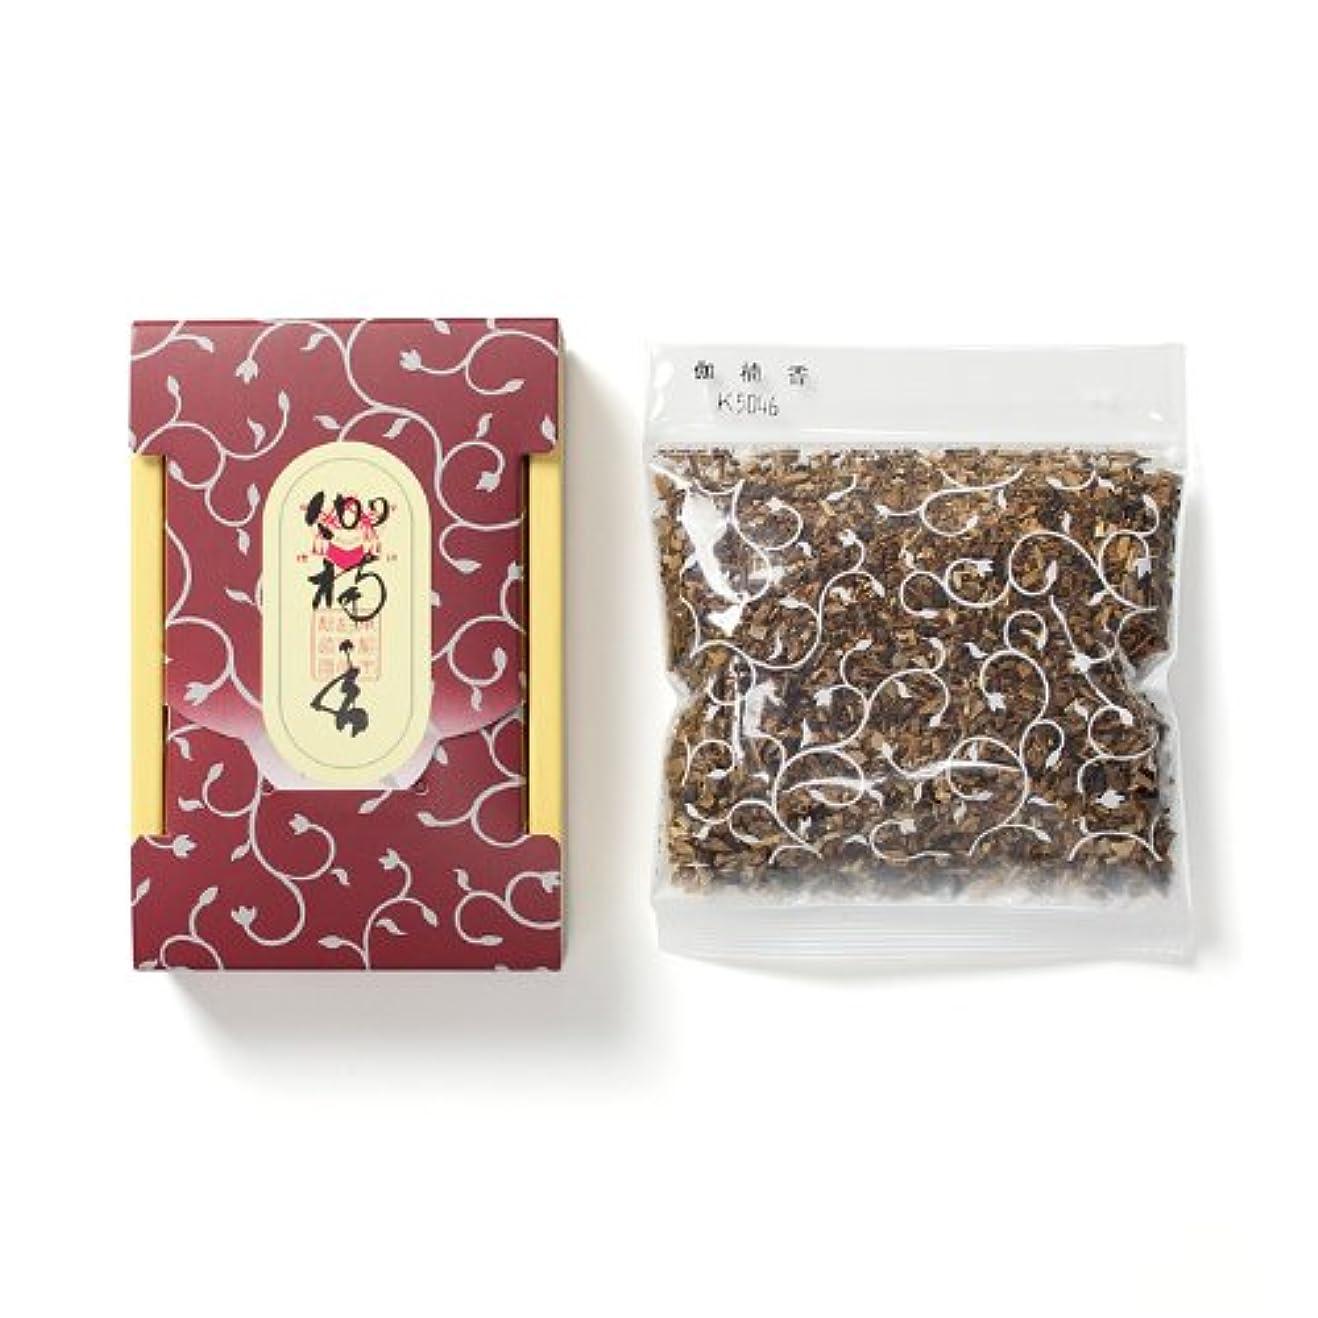 イディオムけん引ライオネルグリーンストリート松栄堂のお焼香 伽楠香 25g詰 小箱入 #410641